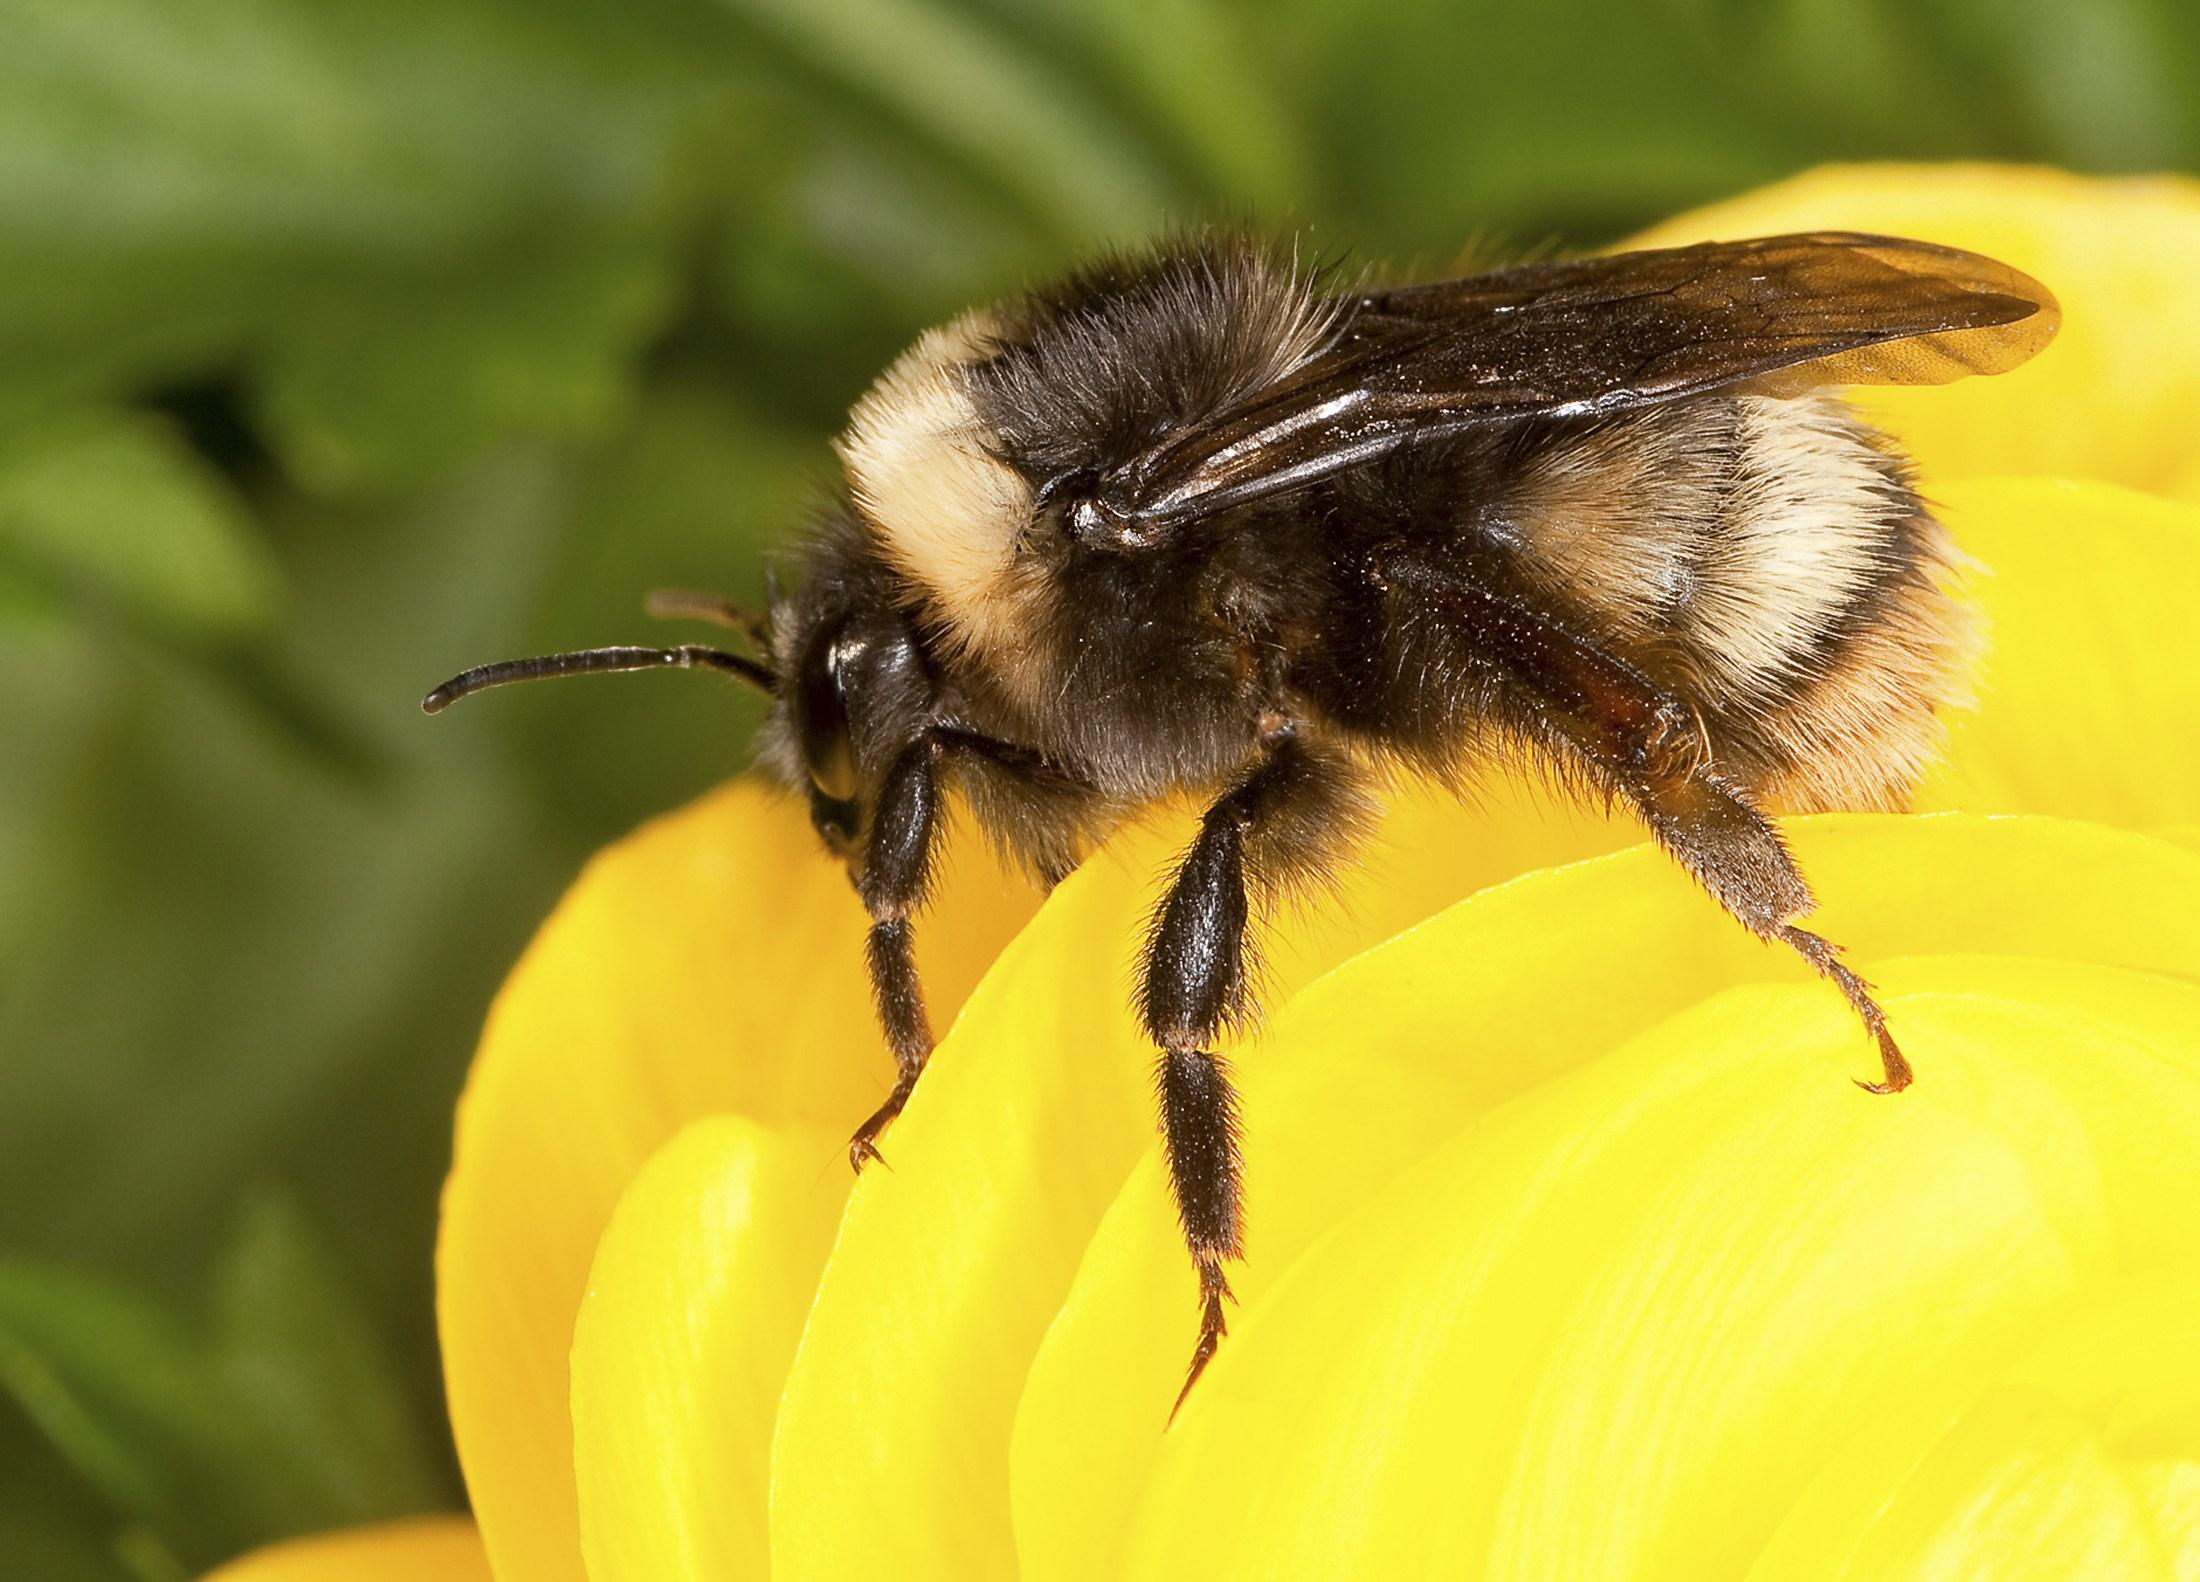 Os antigos druidas viam a abelha como símbolo do sol, da deusa, da celebração e da comunidade. Nos festivais, o hidromel, geralmente, era bebido. O ingrediente principal dele é mel fermentado.